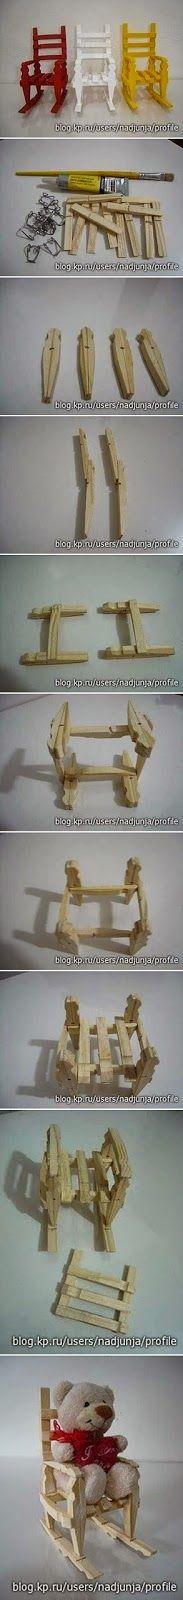 Okulöncesi Sanat ve Fen Etkinlikleri: Mandallar ile Sallanan Sandalye Yapımı